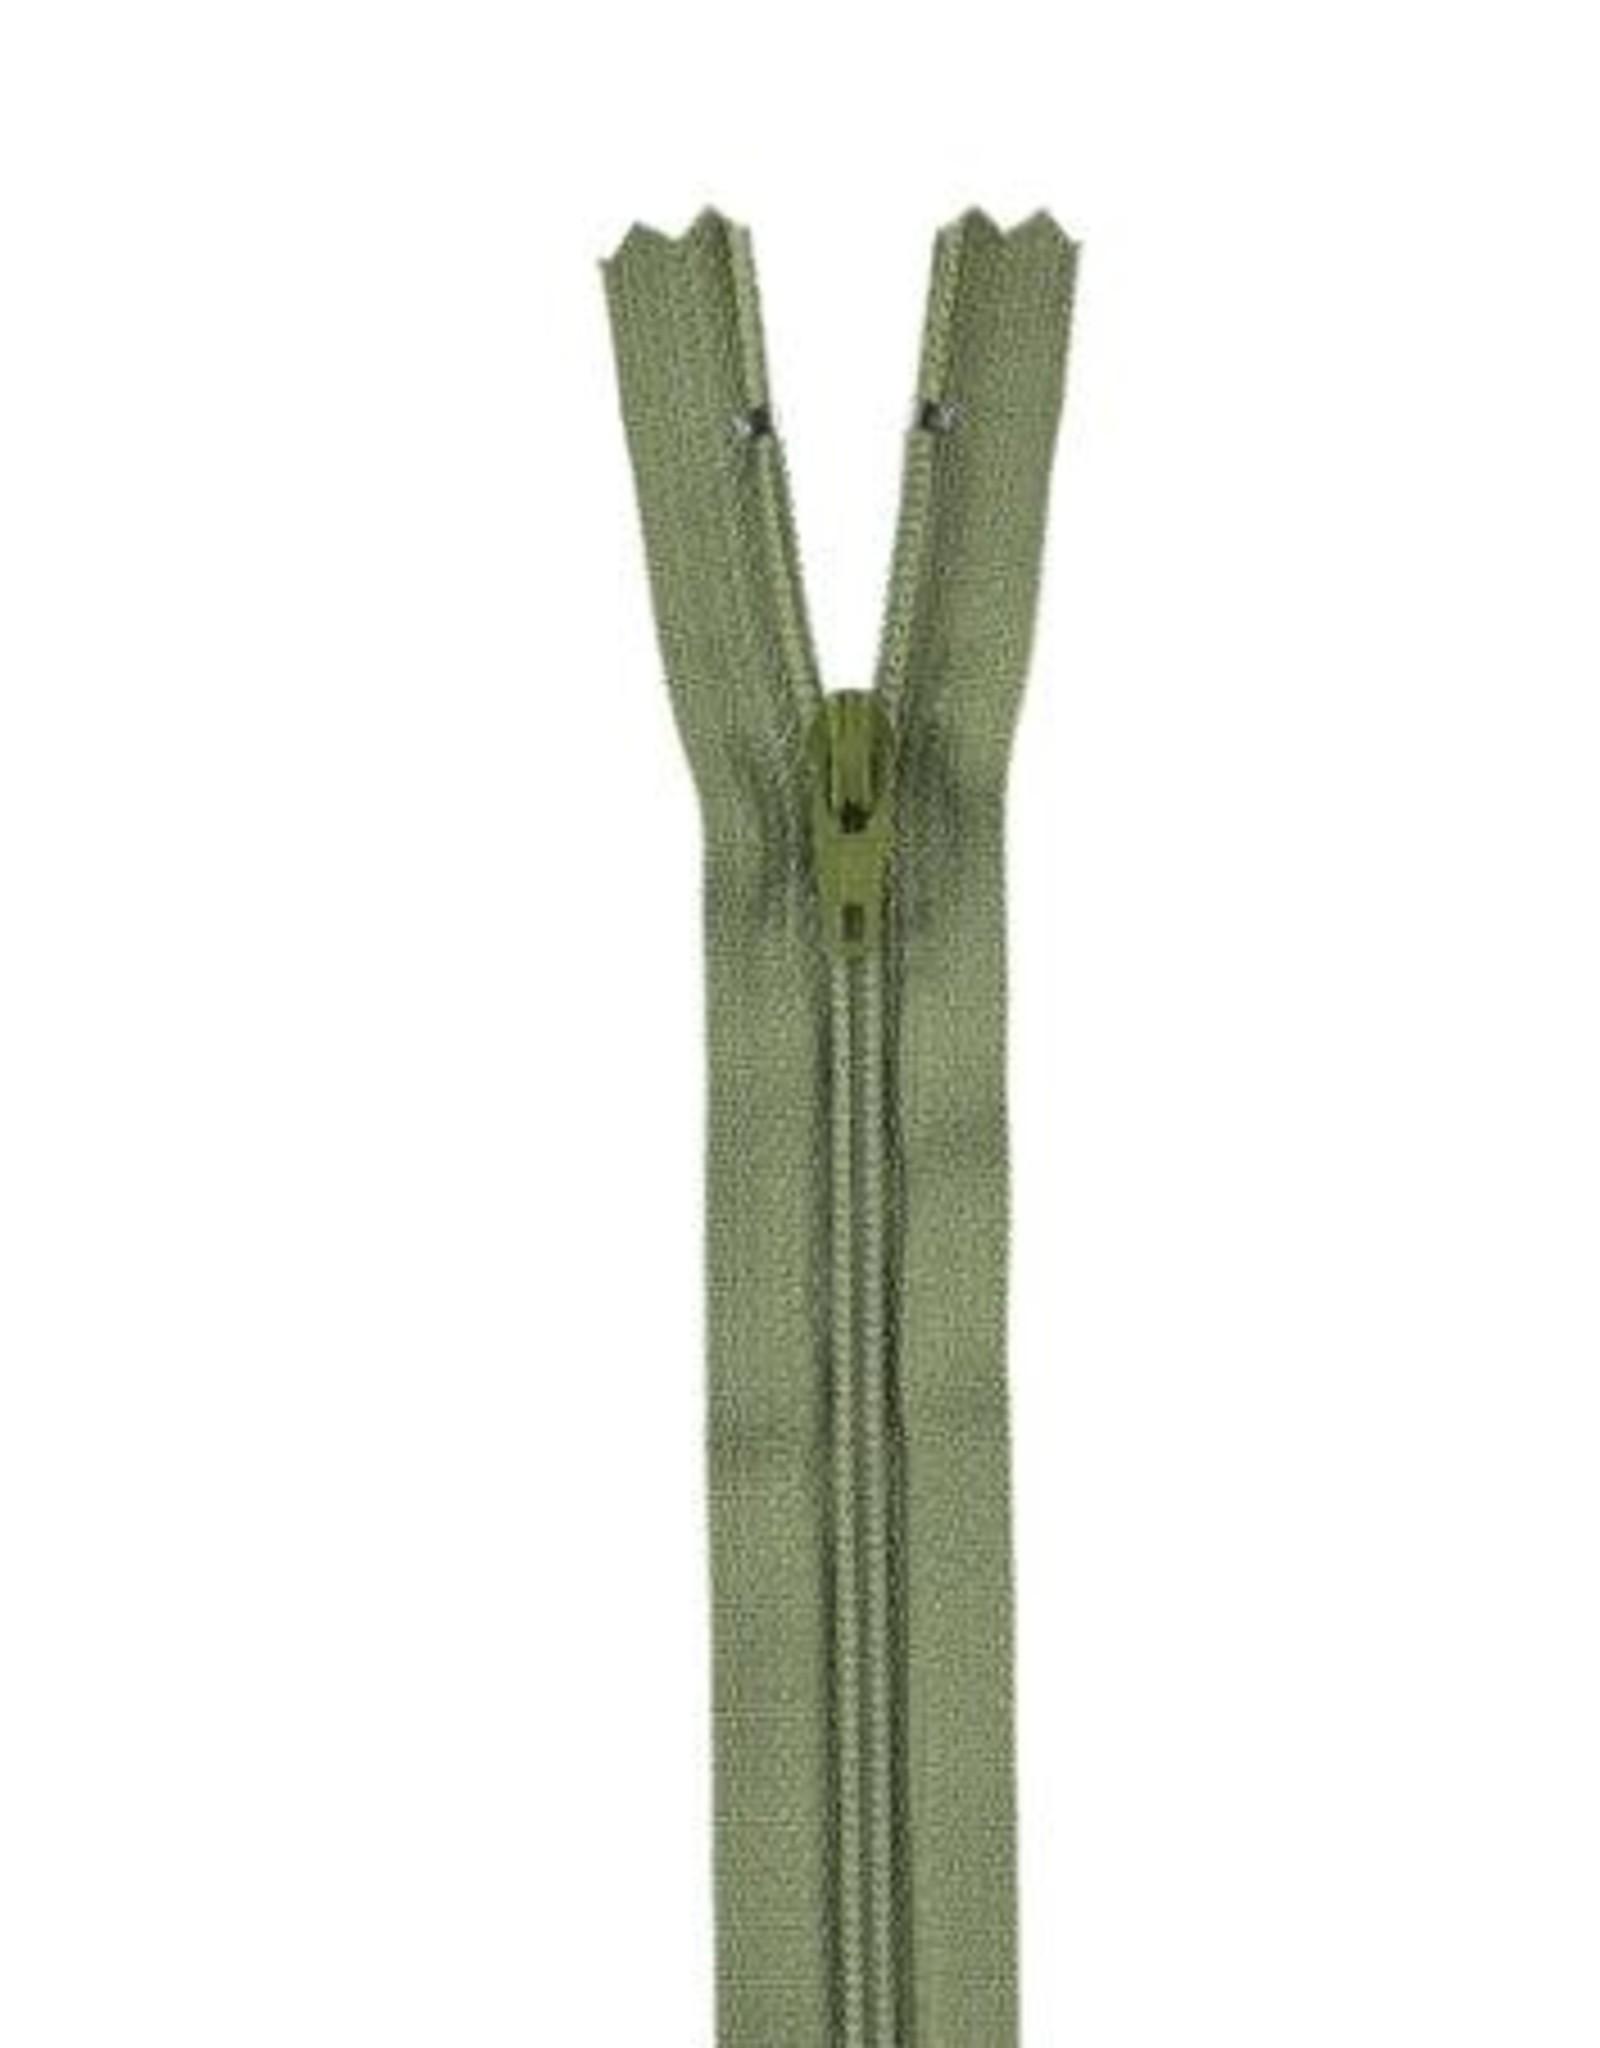 YKK Spiraalrits niet-DB 3mm mosgroen 888-20cm